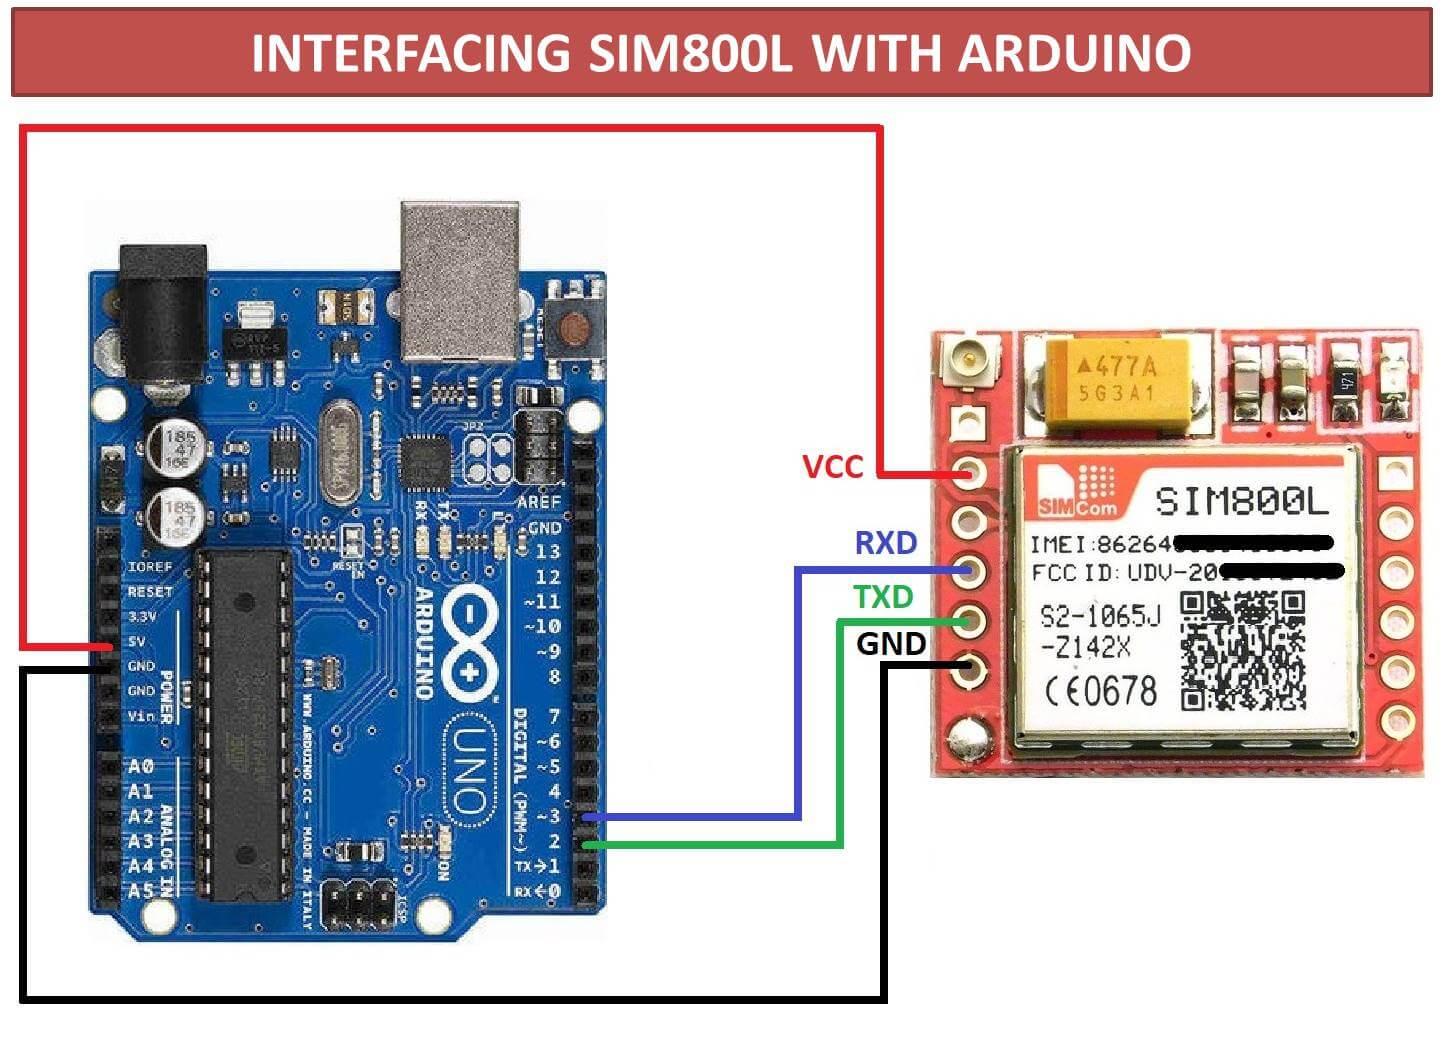 SEND & RECEIVE MESSAGES USING SIM800L